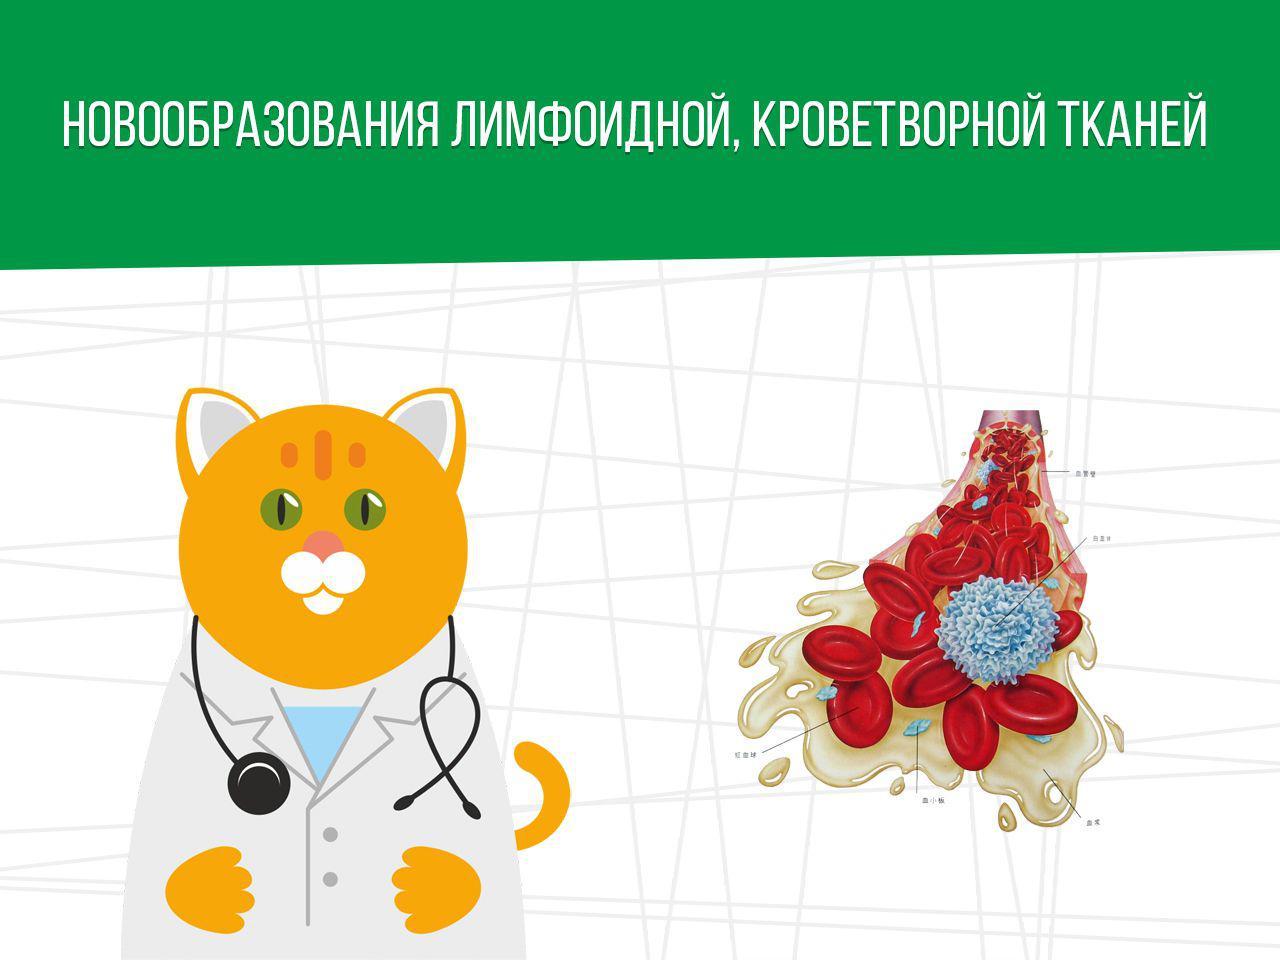 Новообразования лимфоидной, кроветворной тканей и армия